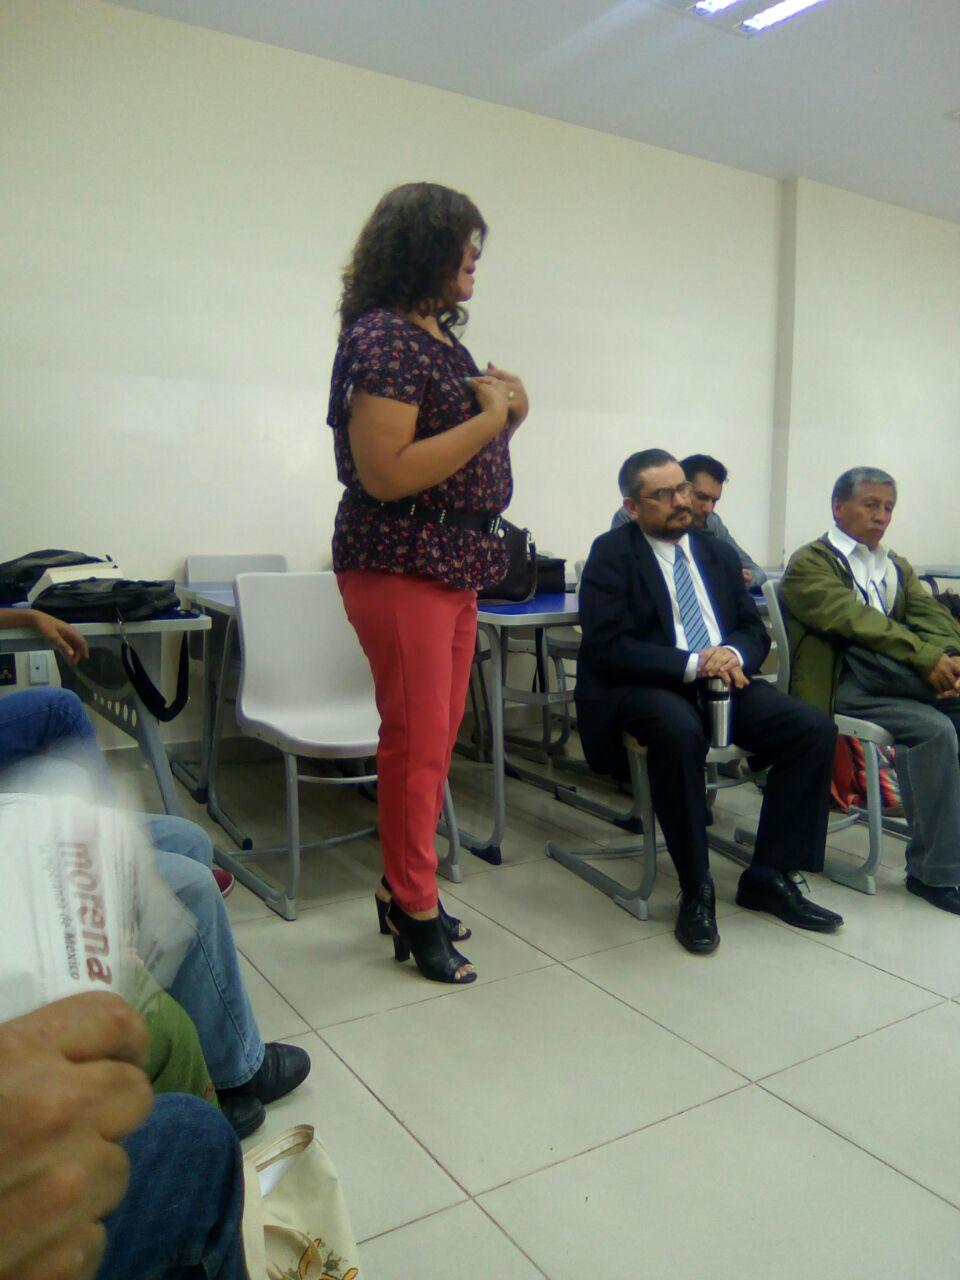 Maestra del CUCS participando en el conversatorio